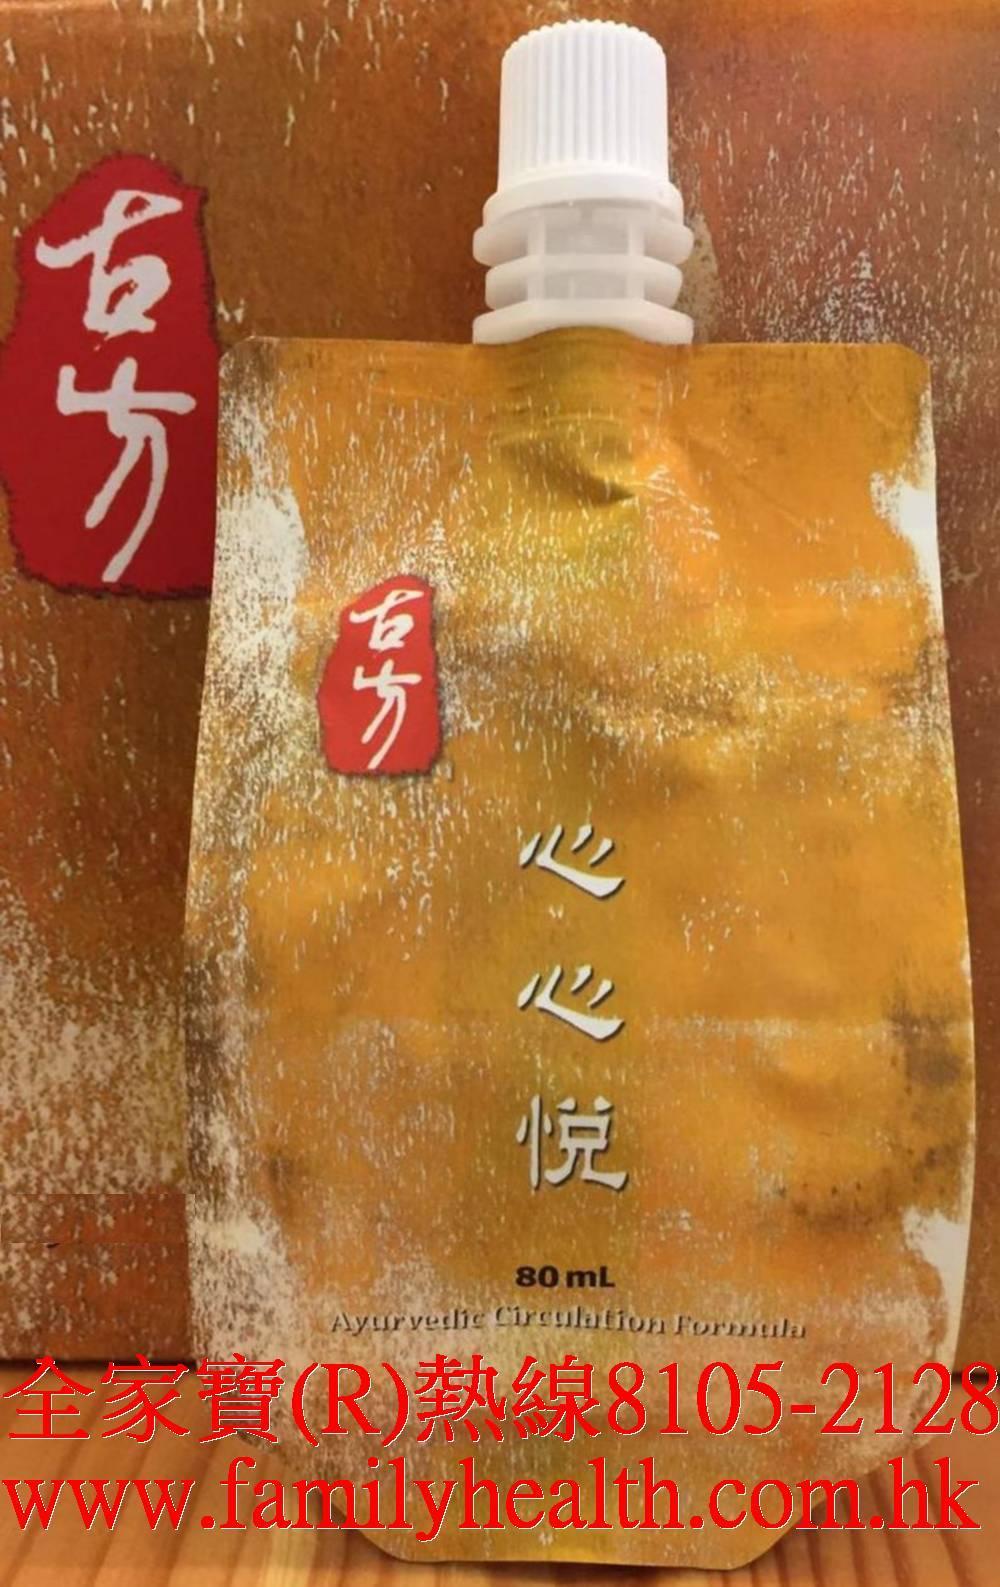 http://www.familyhealth.com.hk/files/full/987_0.jpg